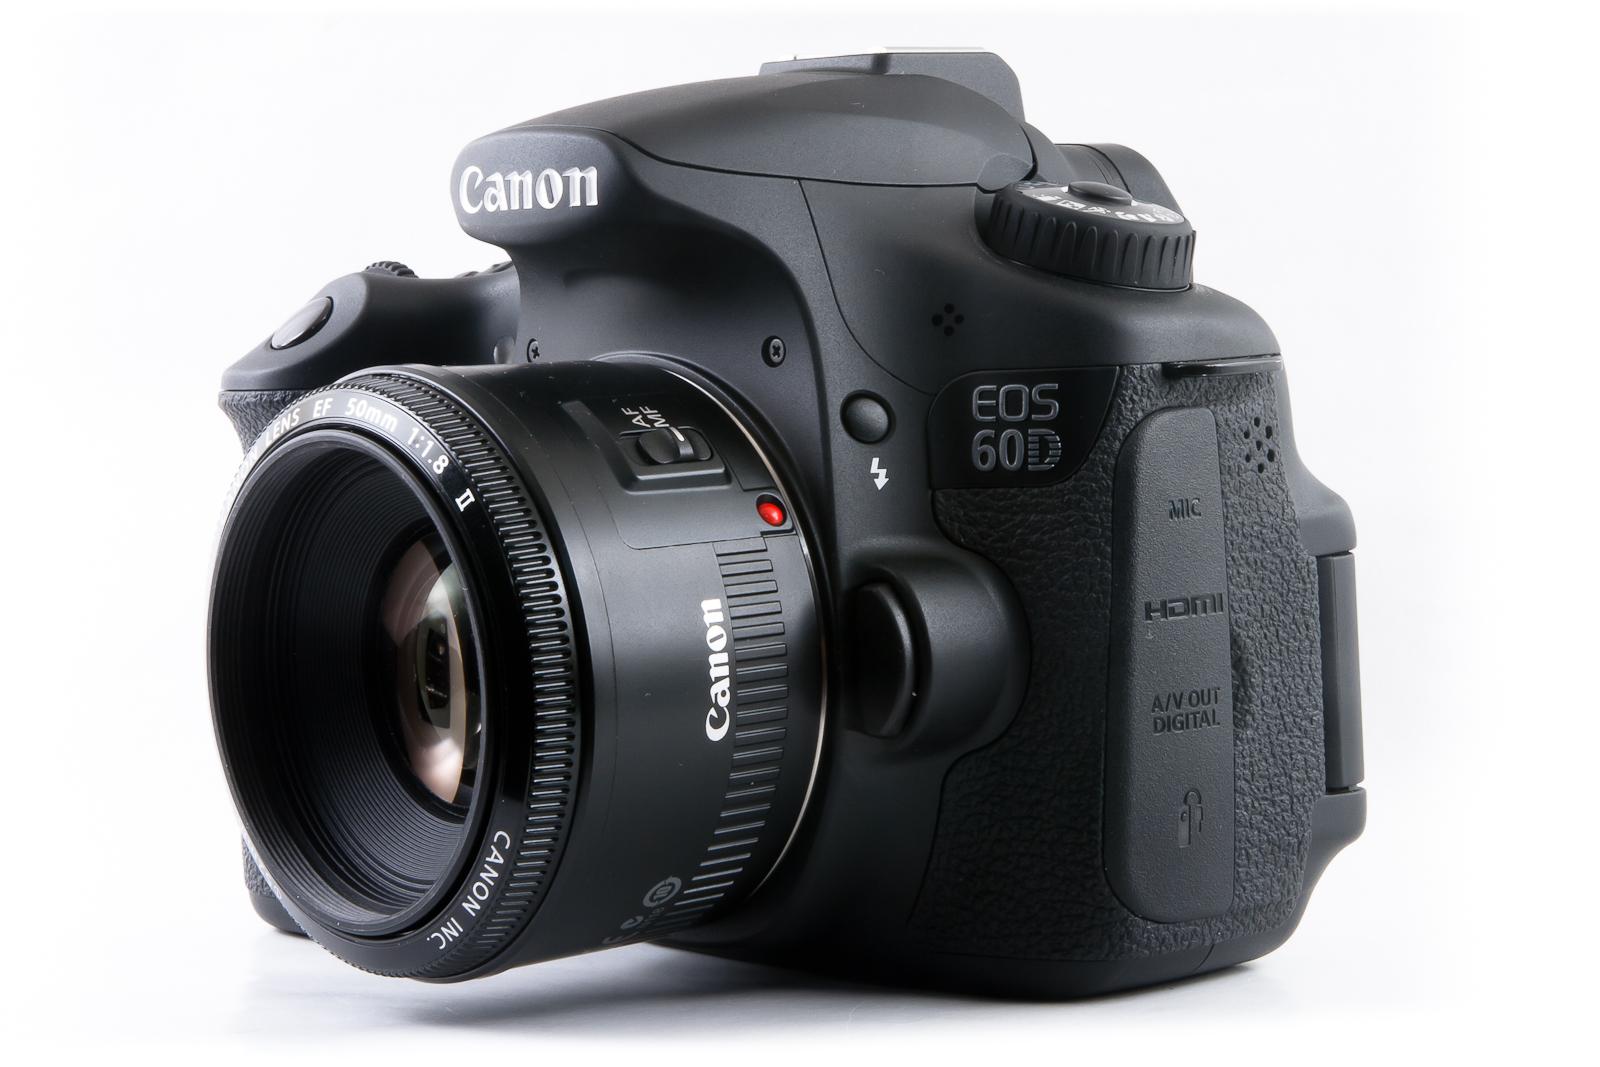 Canon_60D_50mm_Prime.jpg